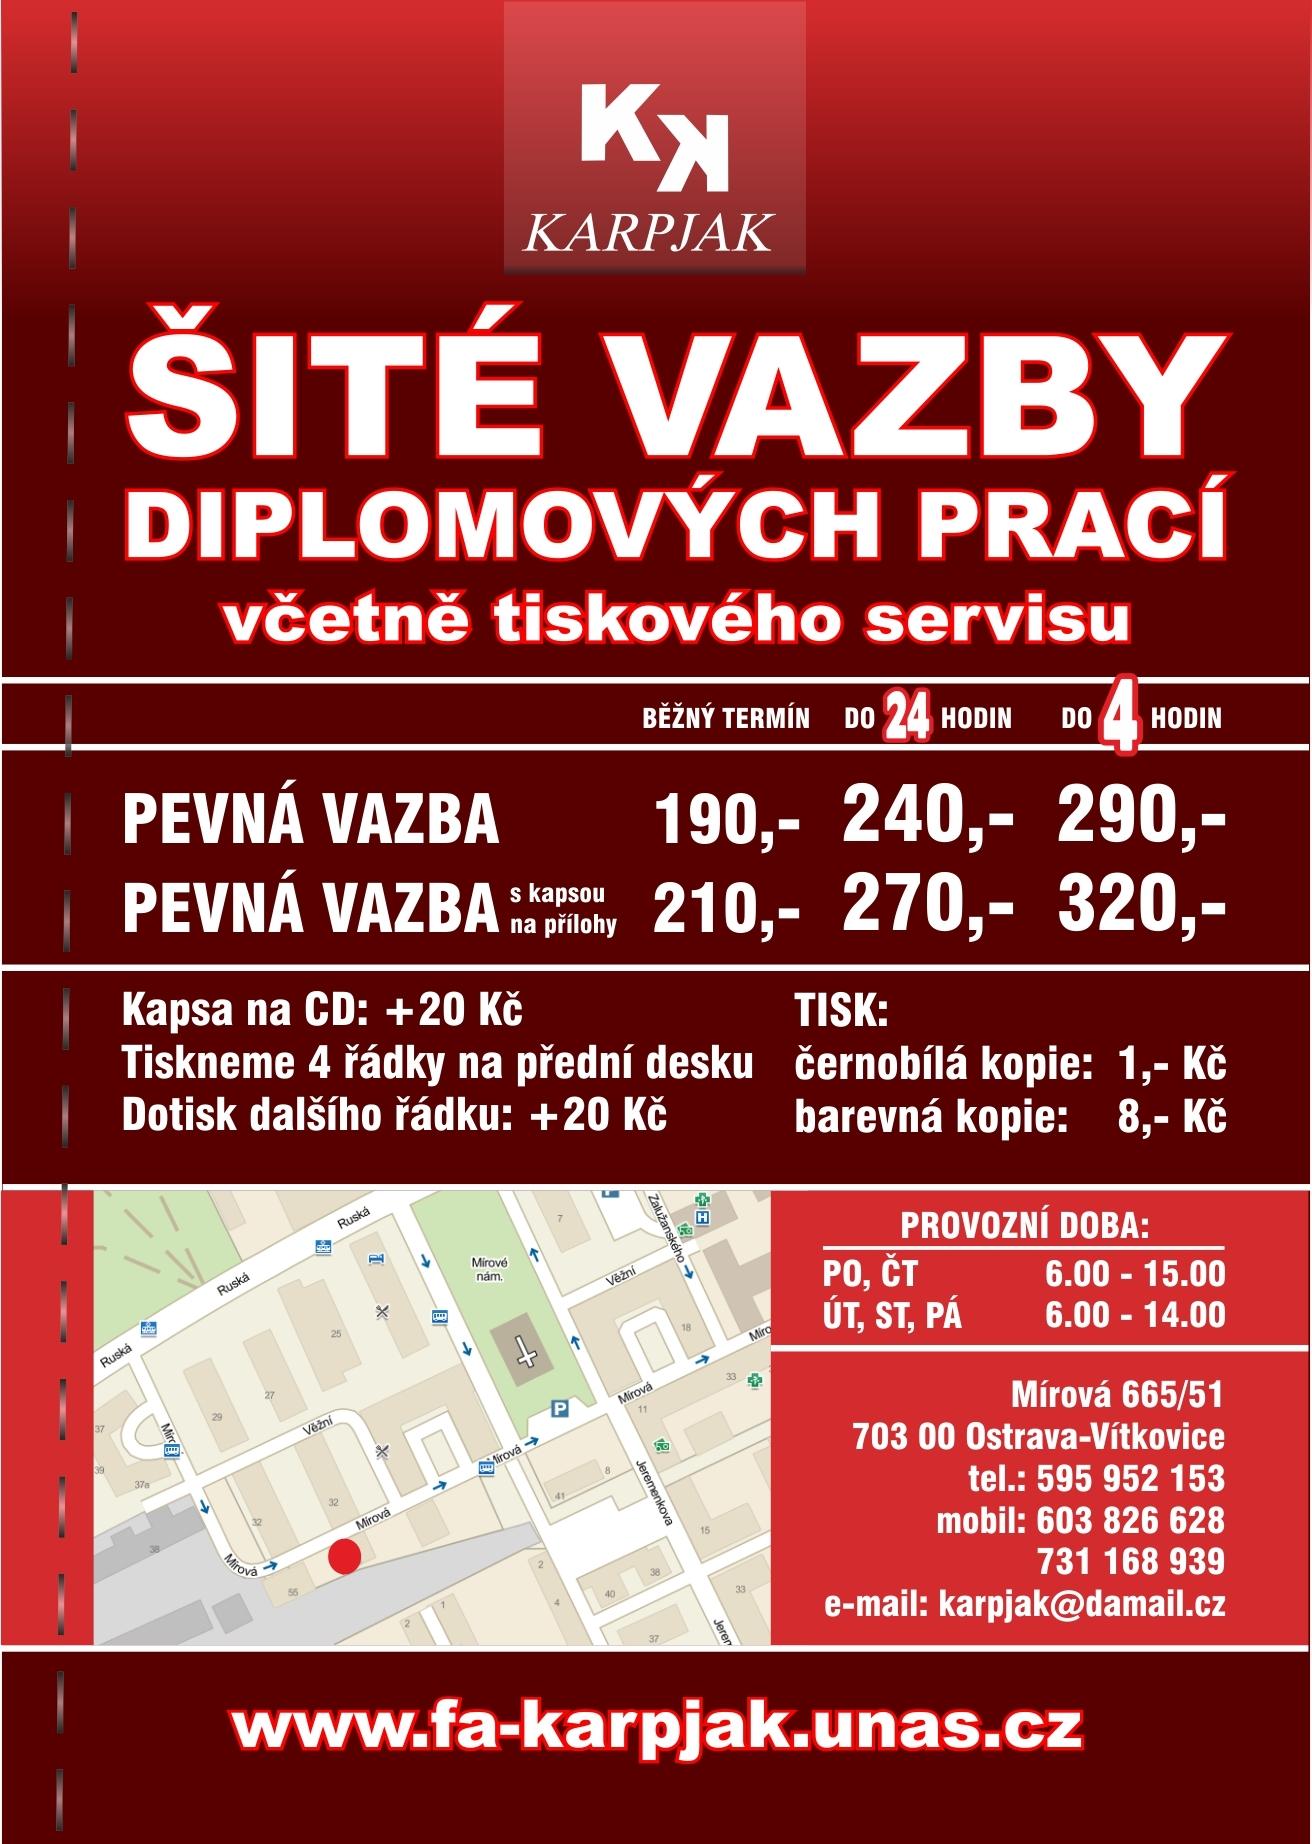 Šité vazby Ostrava